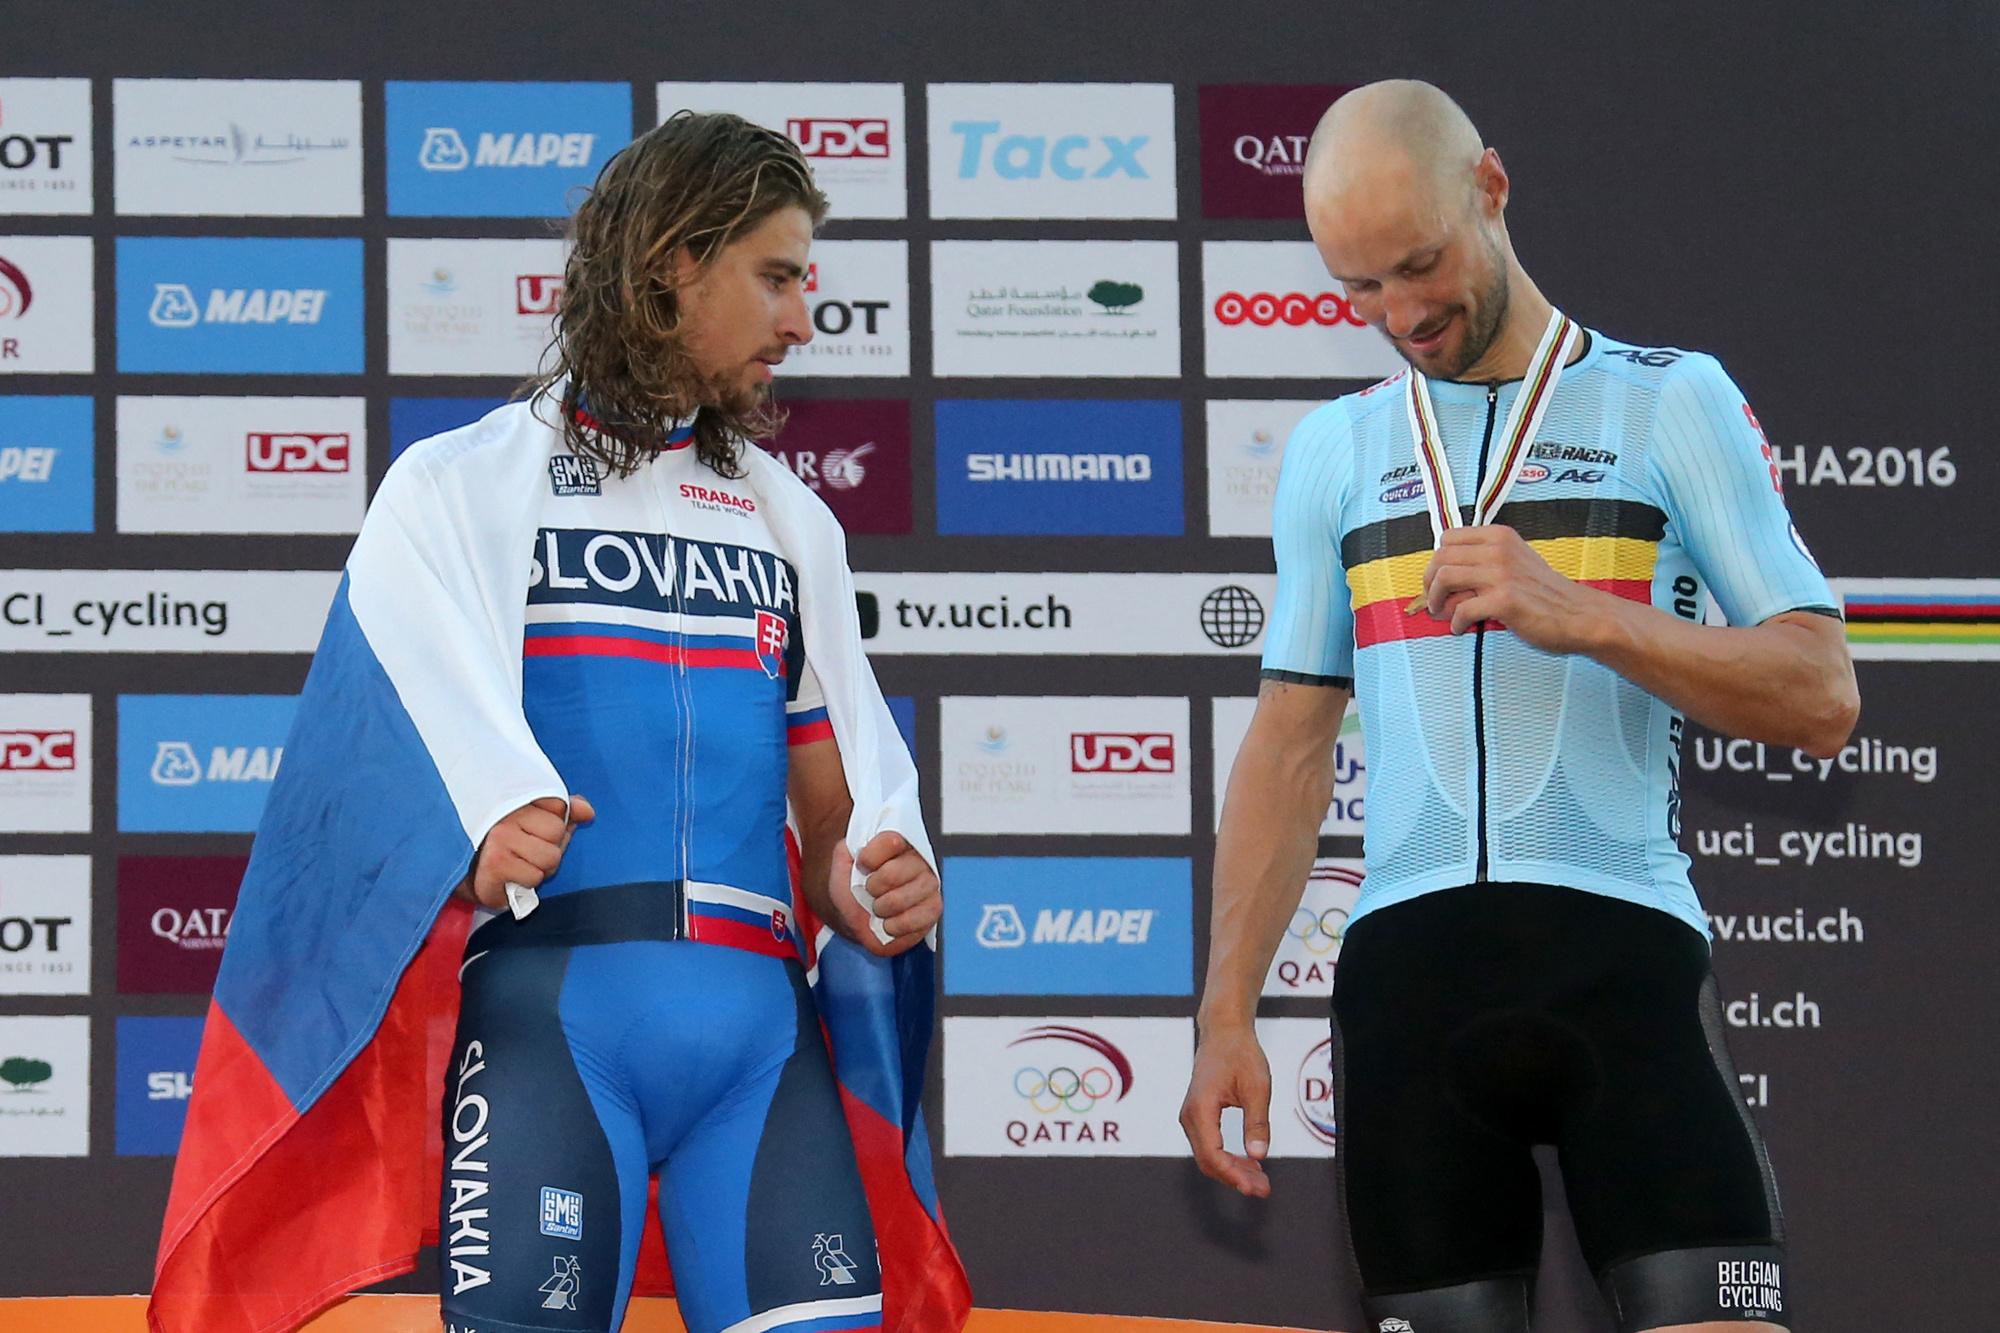 En 2016, Peter Sagan s'offrait son deuxième titre mondial devant Cavendish et Tom Boonen. On espère qu'il ne frustera pas Wout Van Aert ce dimanche., belga